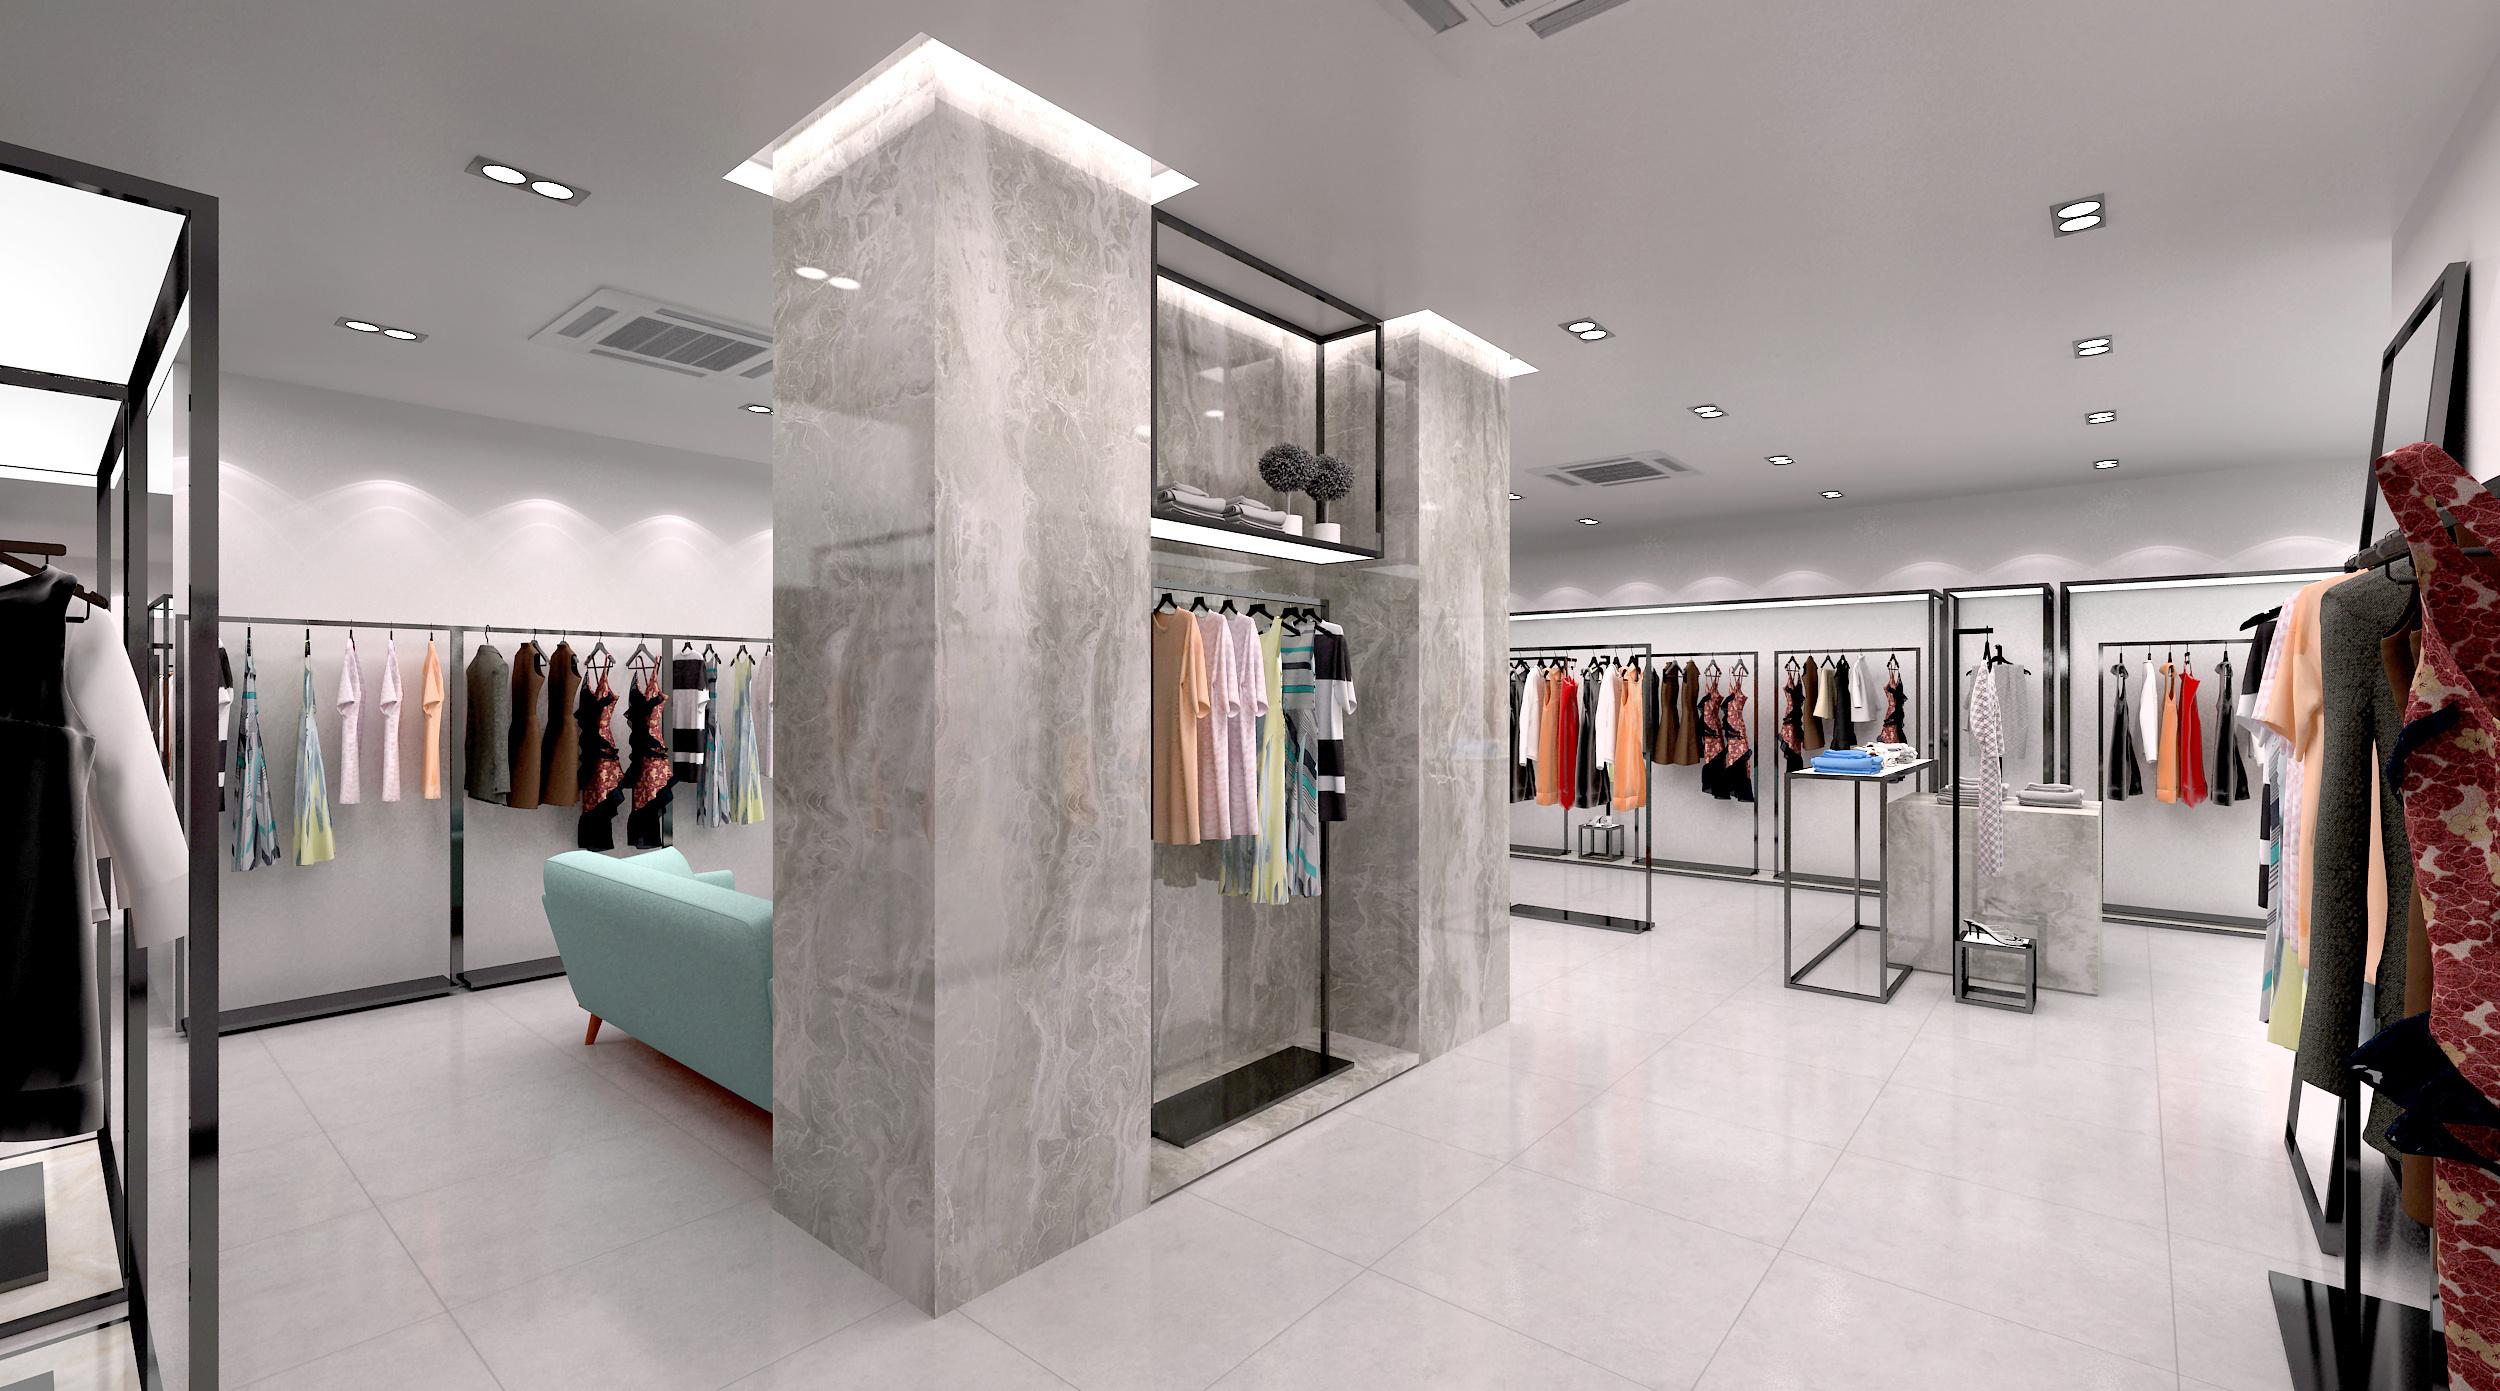 服装店设计|空间|展示设计 |直立的蜗牛 - 原创作品